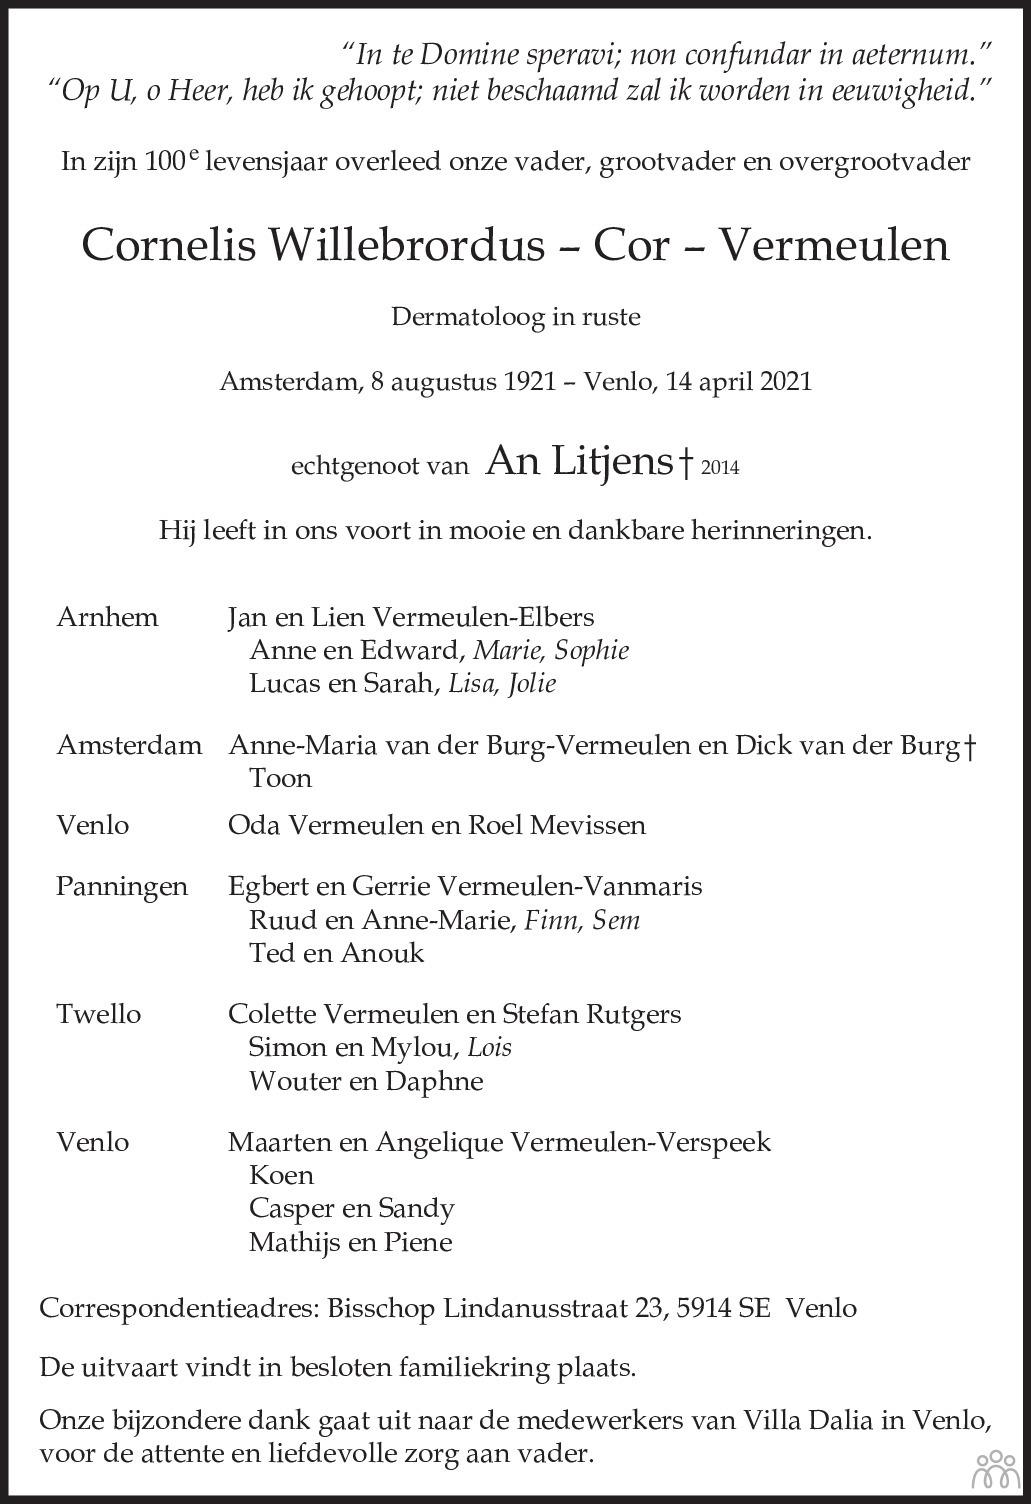 Overlijdensbericht van Cornelis Willebrordus (Cor) Vermeulen in De Limburger